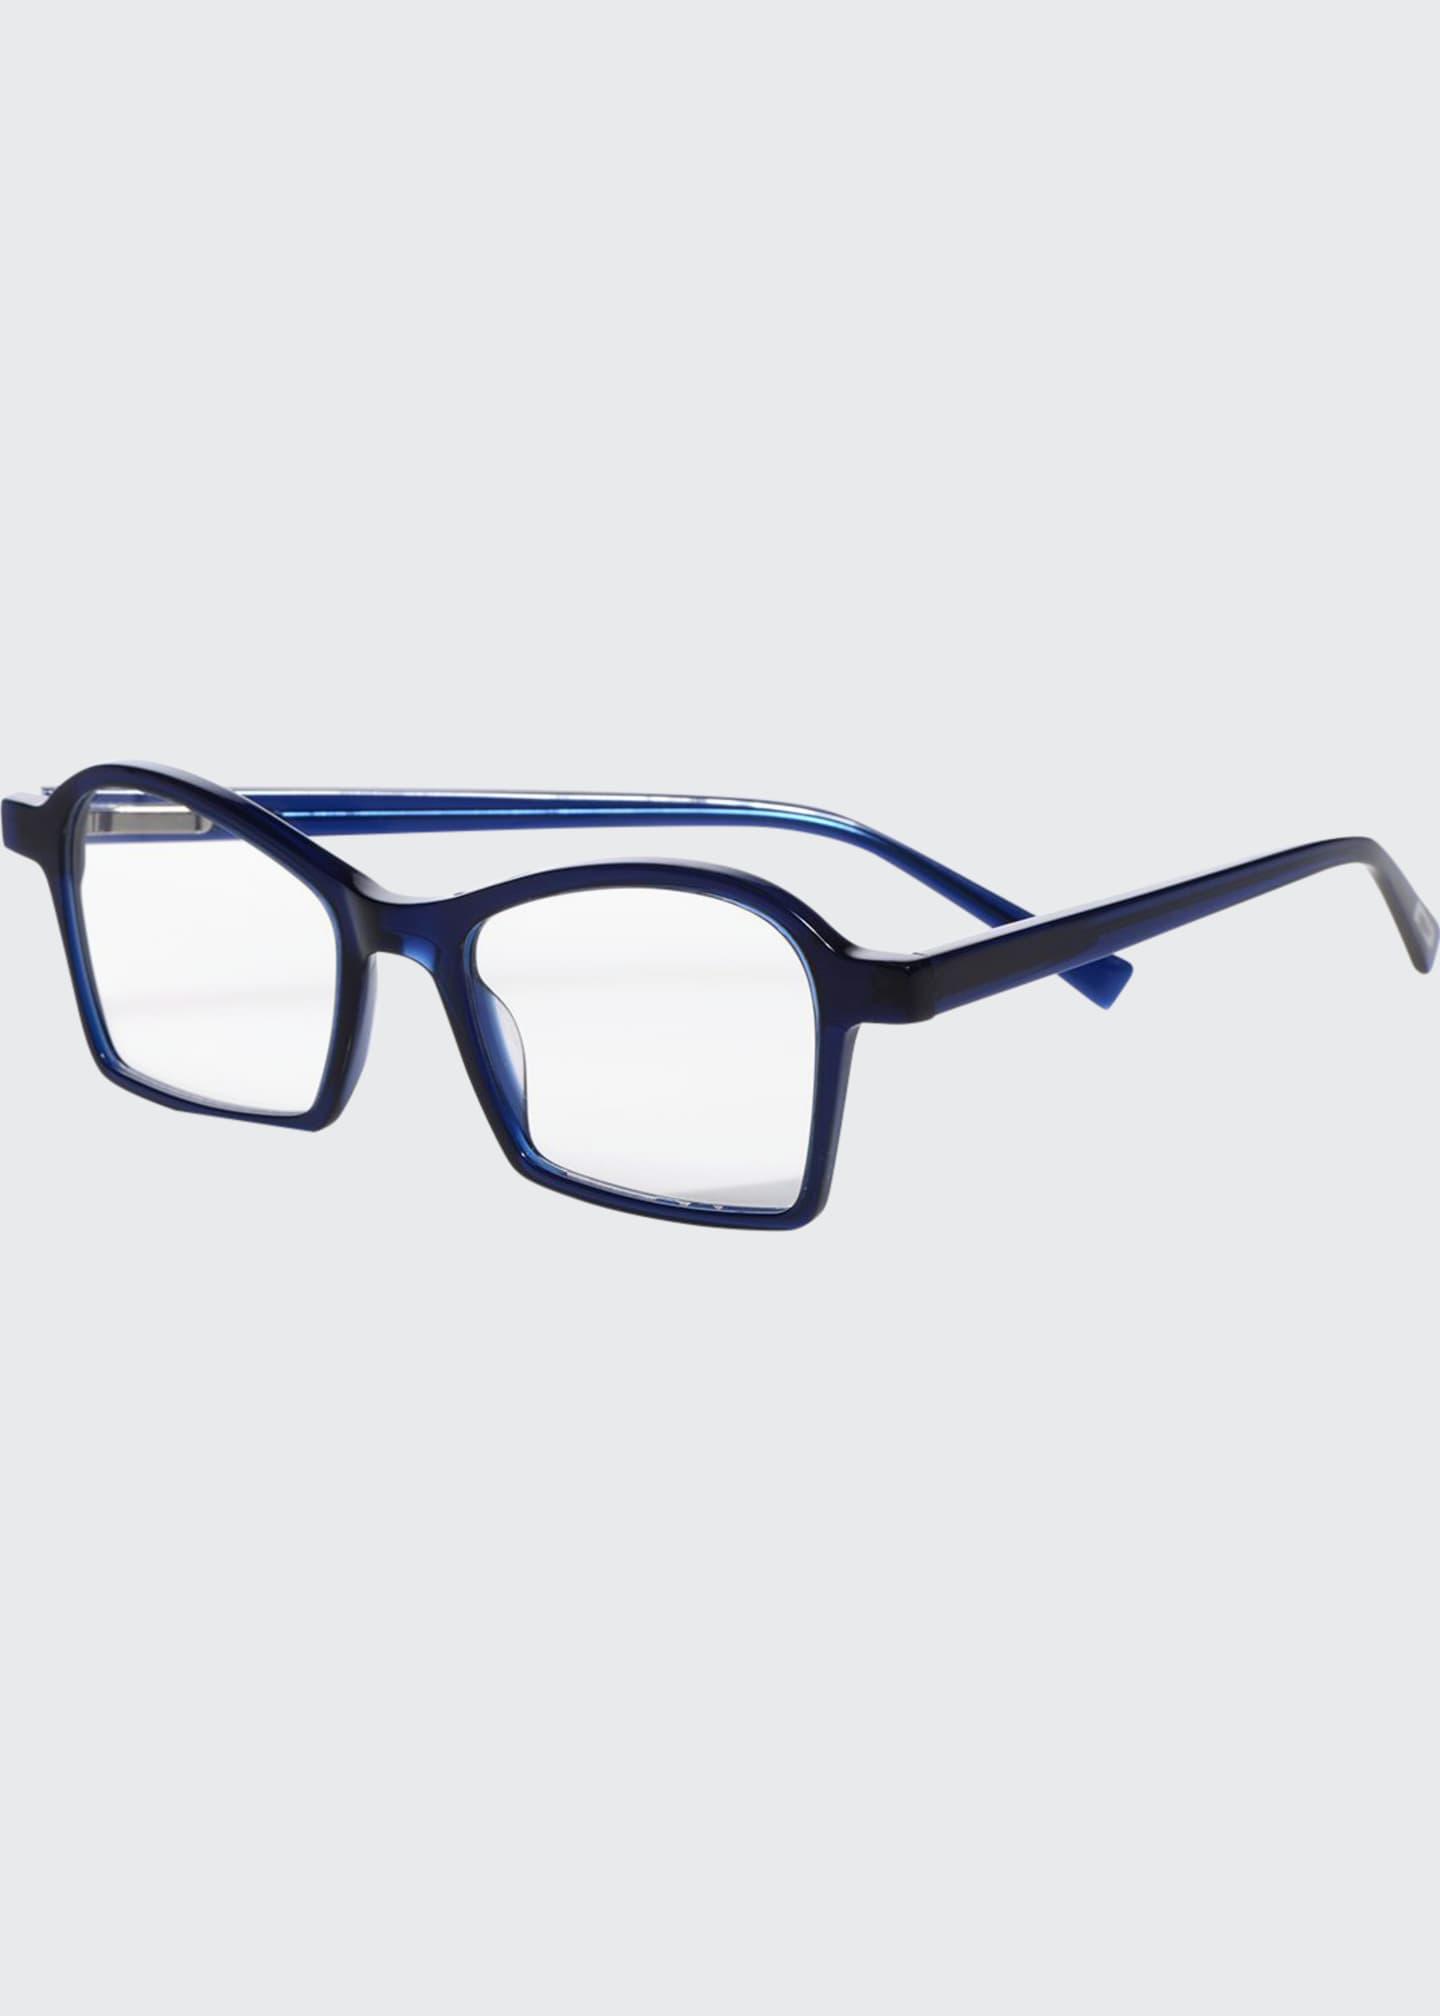 Eyebobs Sparkler Square Reading Glasses